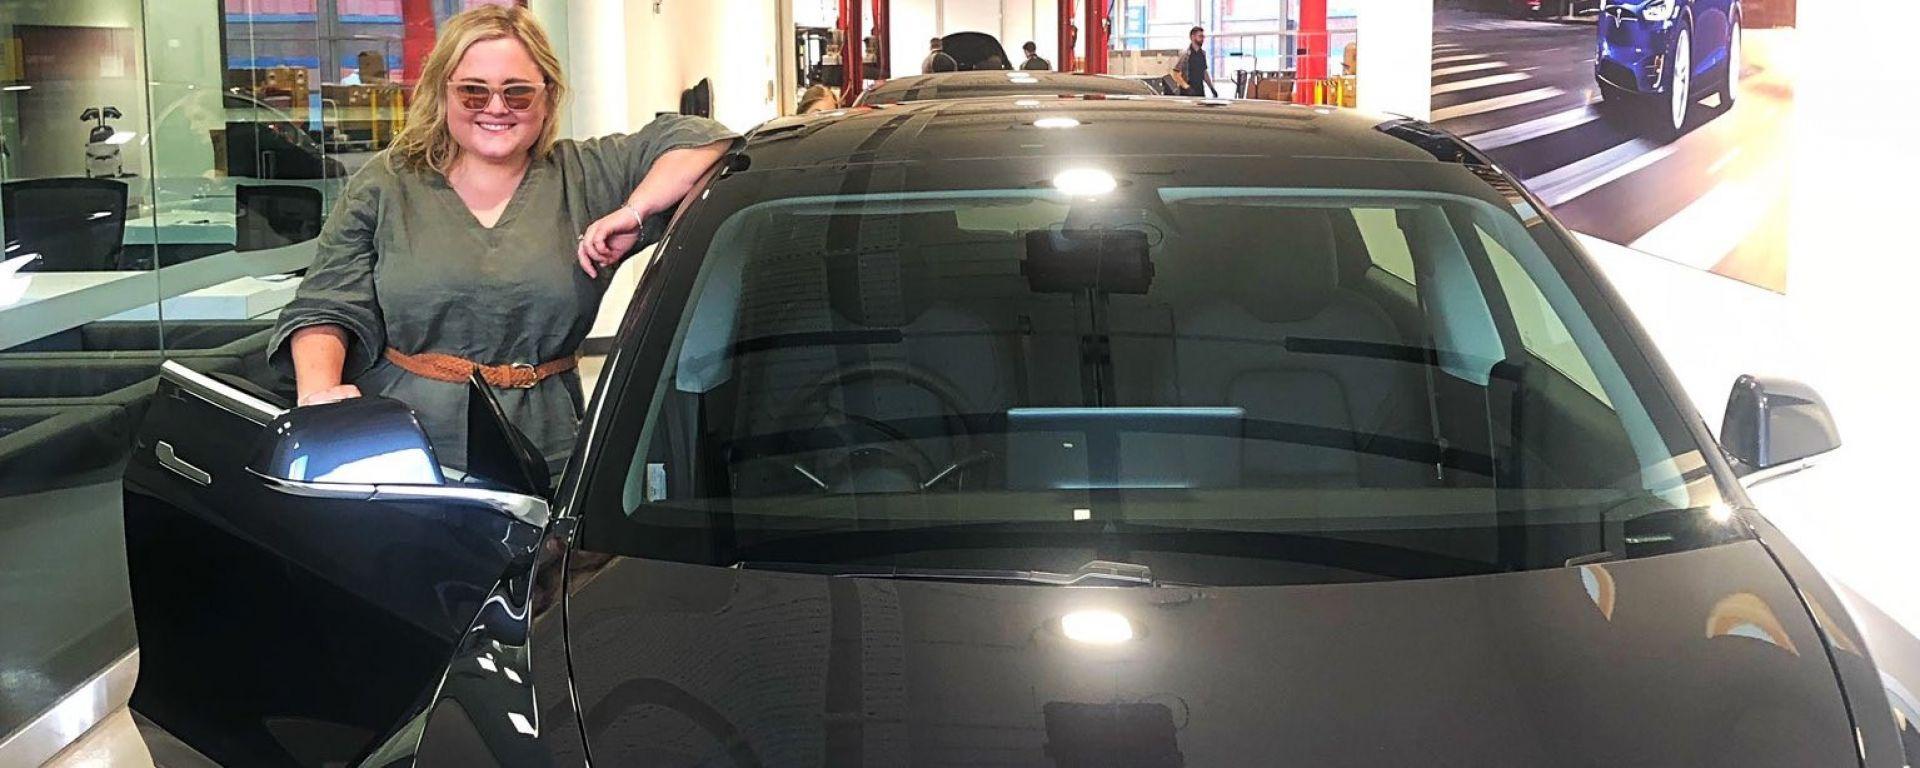 Tesla Model 3: un tentativo di furto finito male, grazie all'app